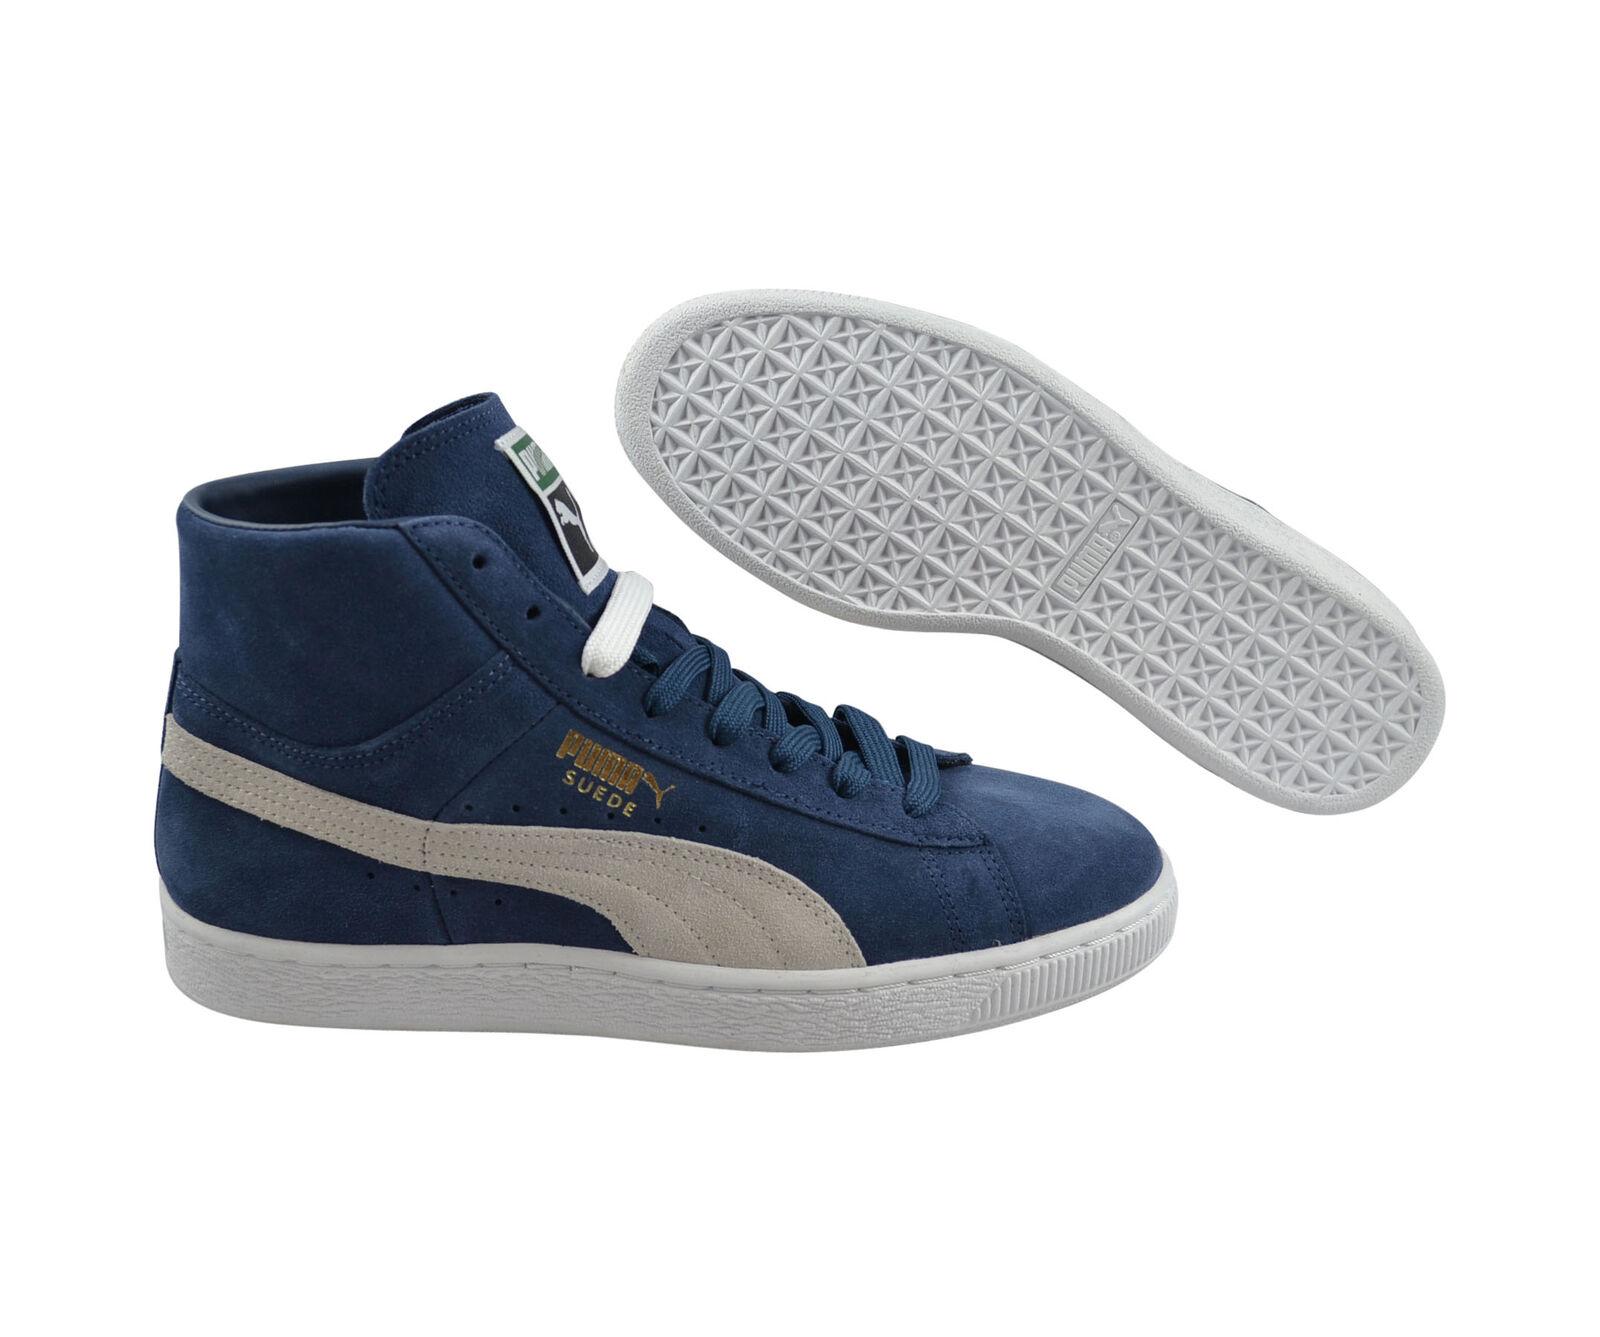 Puma Suede Mid Classic+ dark denim/white Schuhe/Sneaker Mid 356340 04 Neu